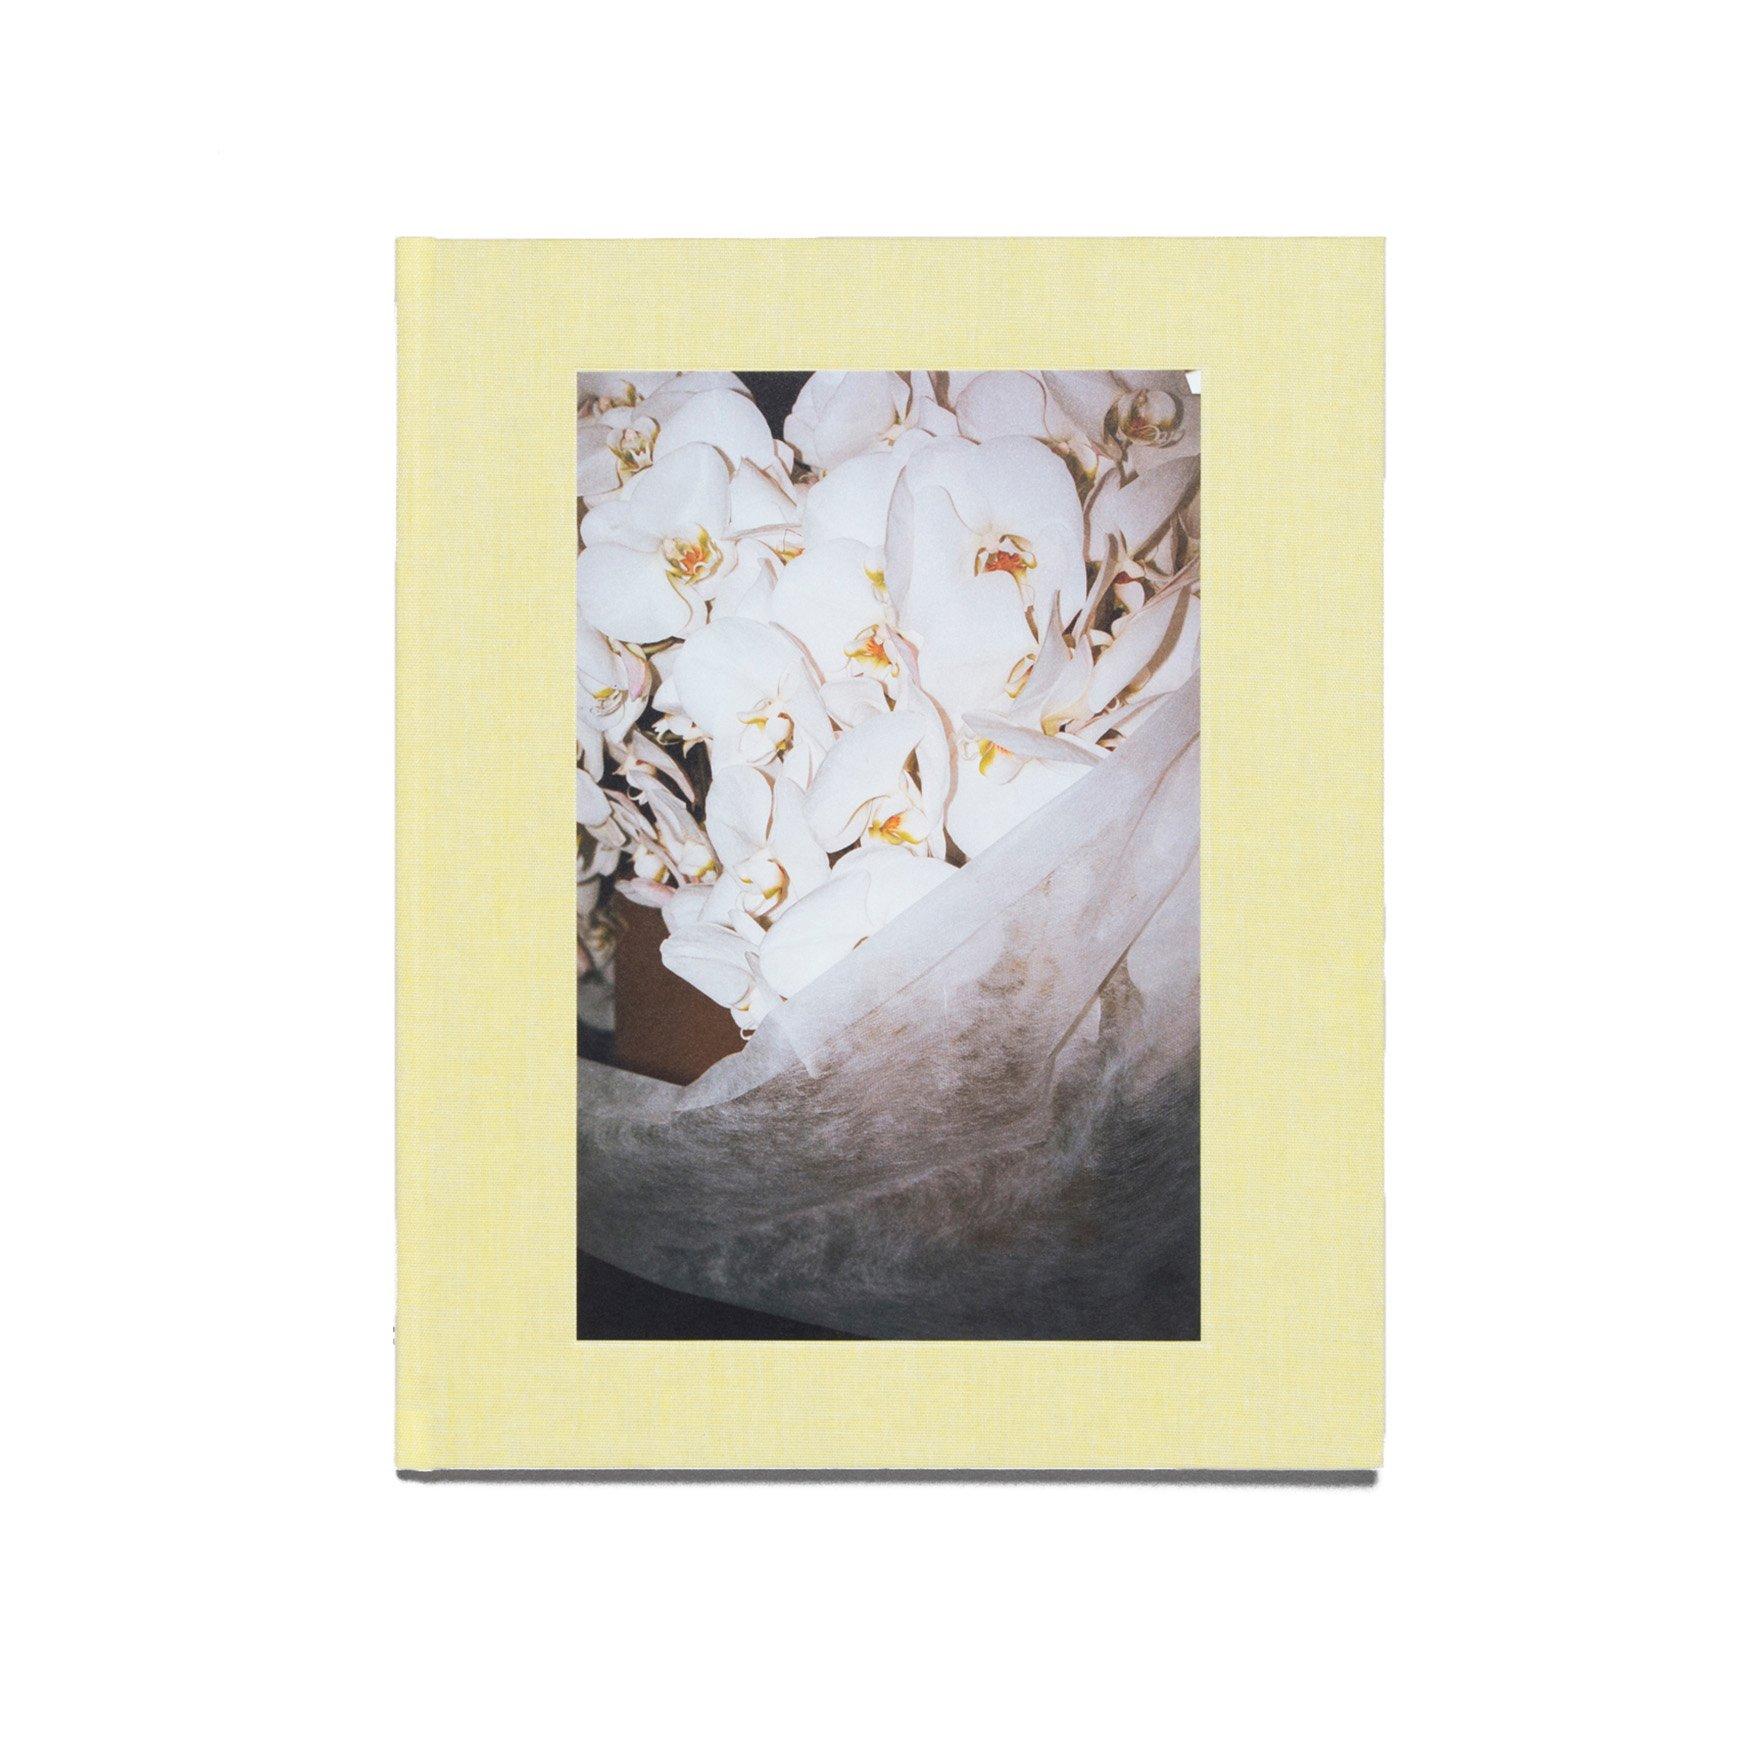 LA_Flower_Market_Book_Detail_2_1920x.jpg